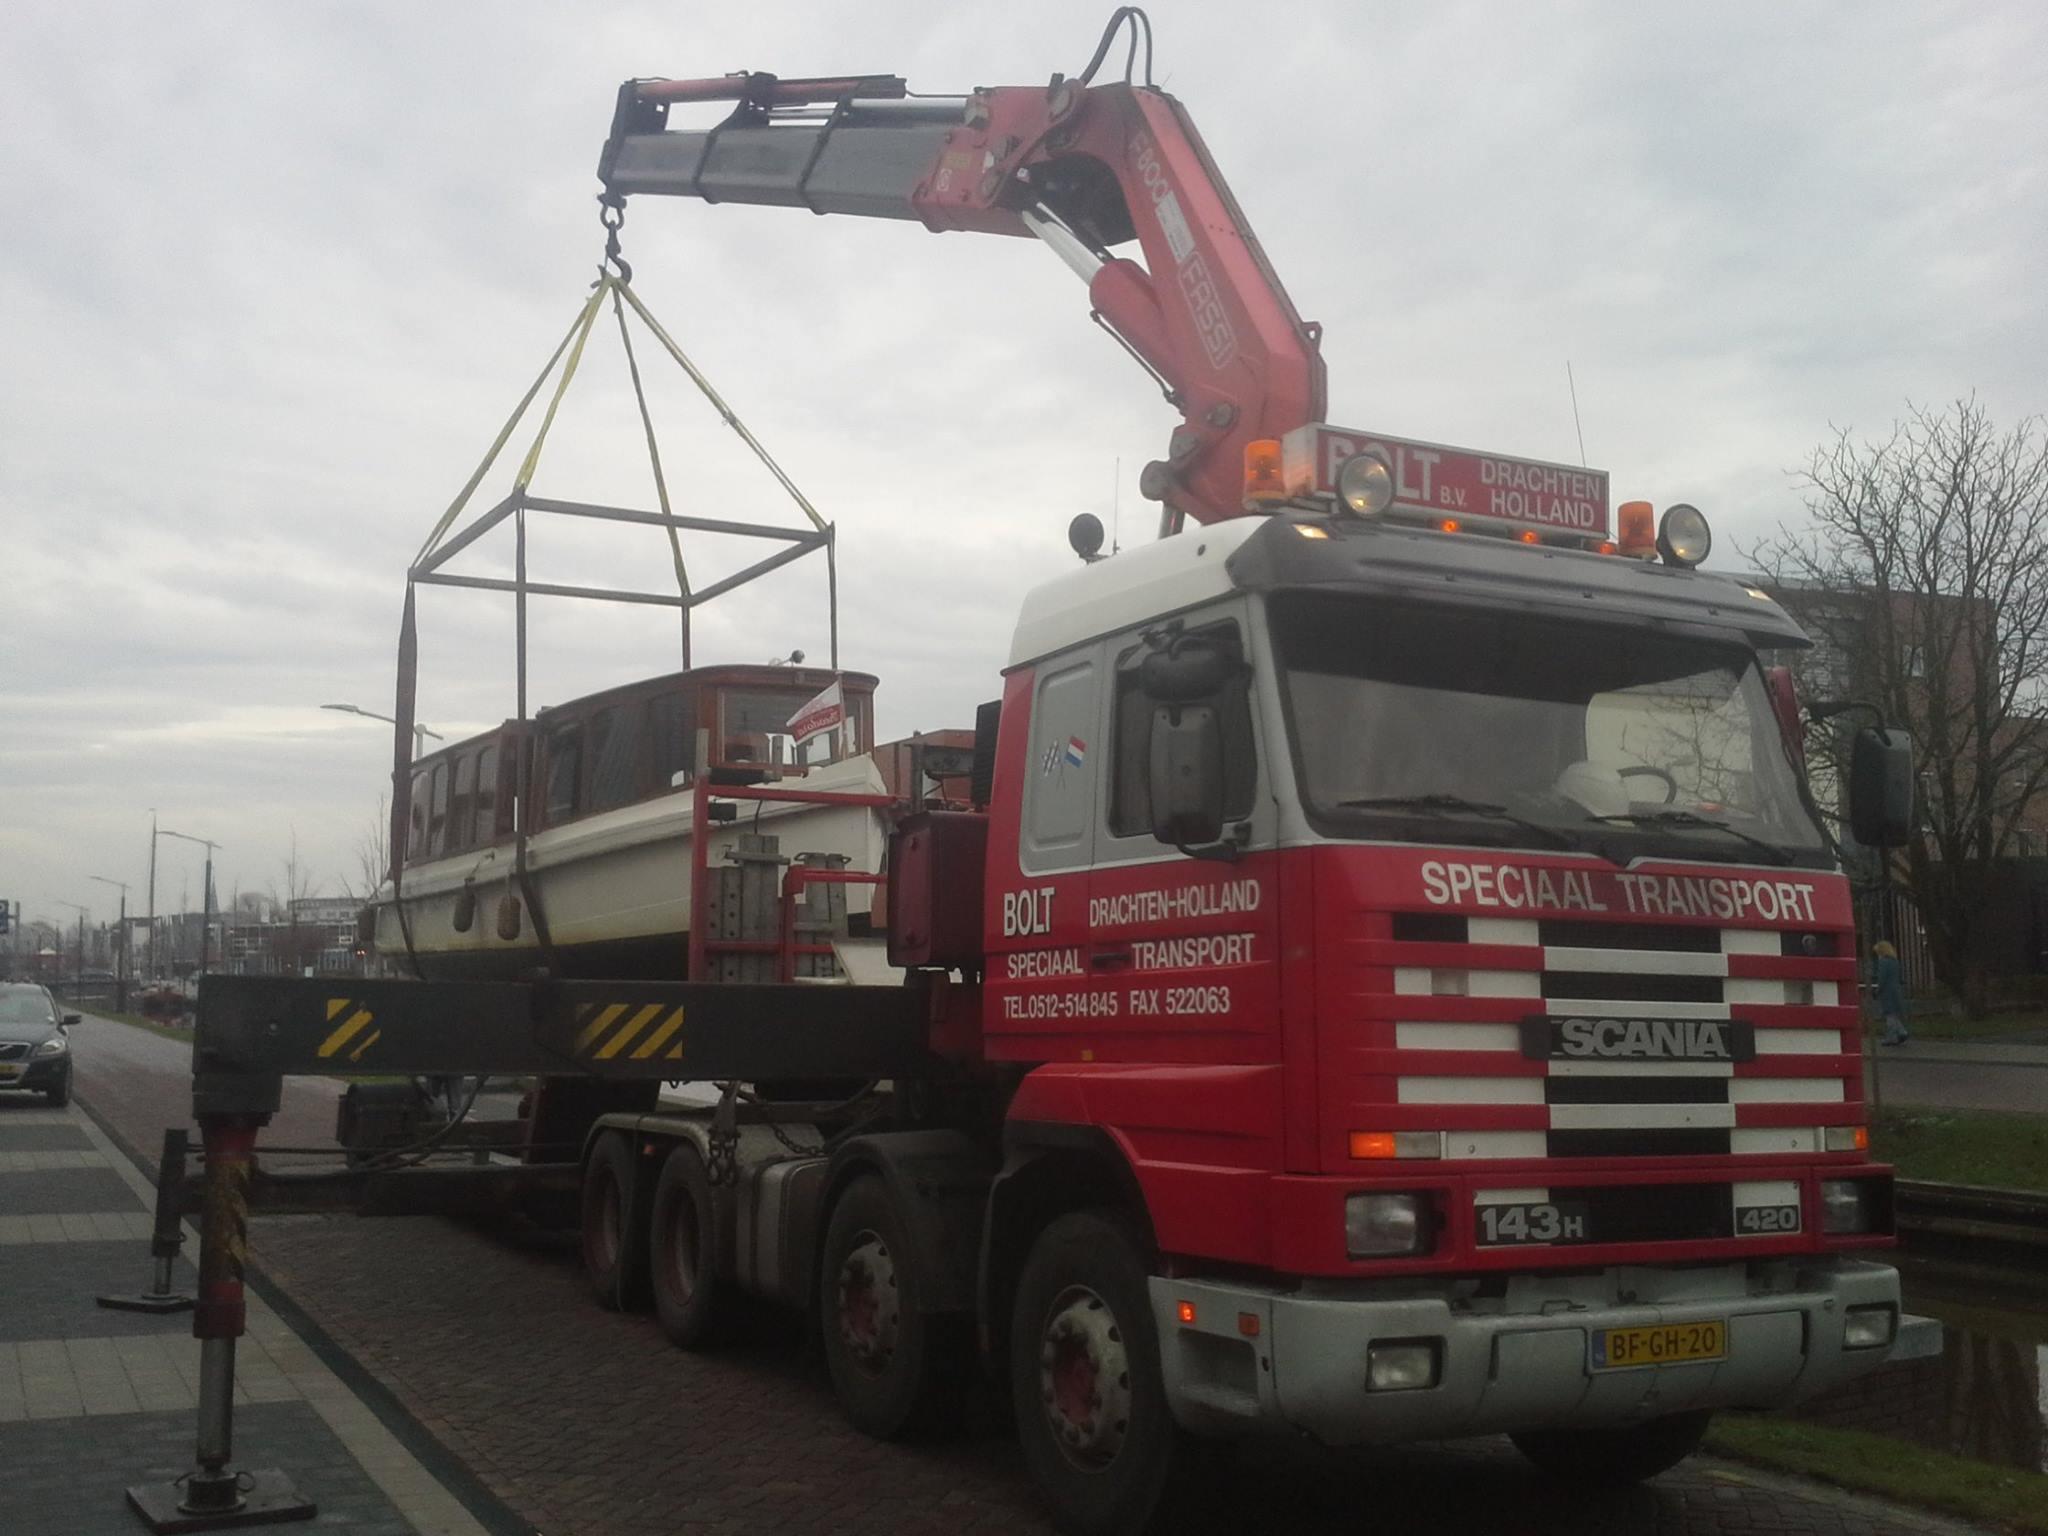 Scania-Klassiek-rondvaart-bootje-uit-Drachtstervaart-Centrum-hijsen--13-12-2016-(2)